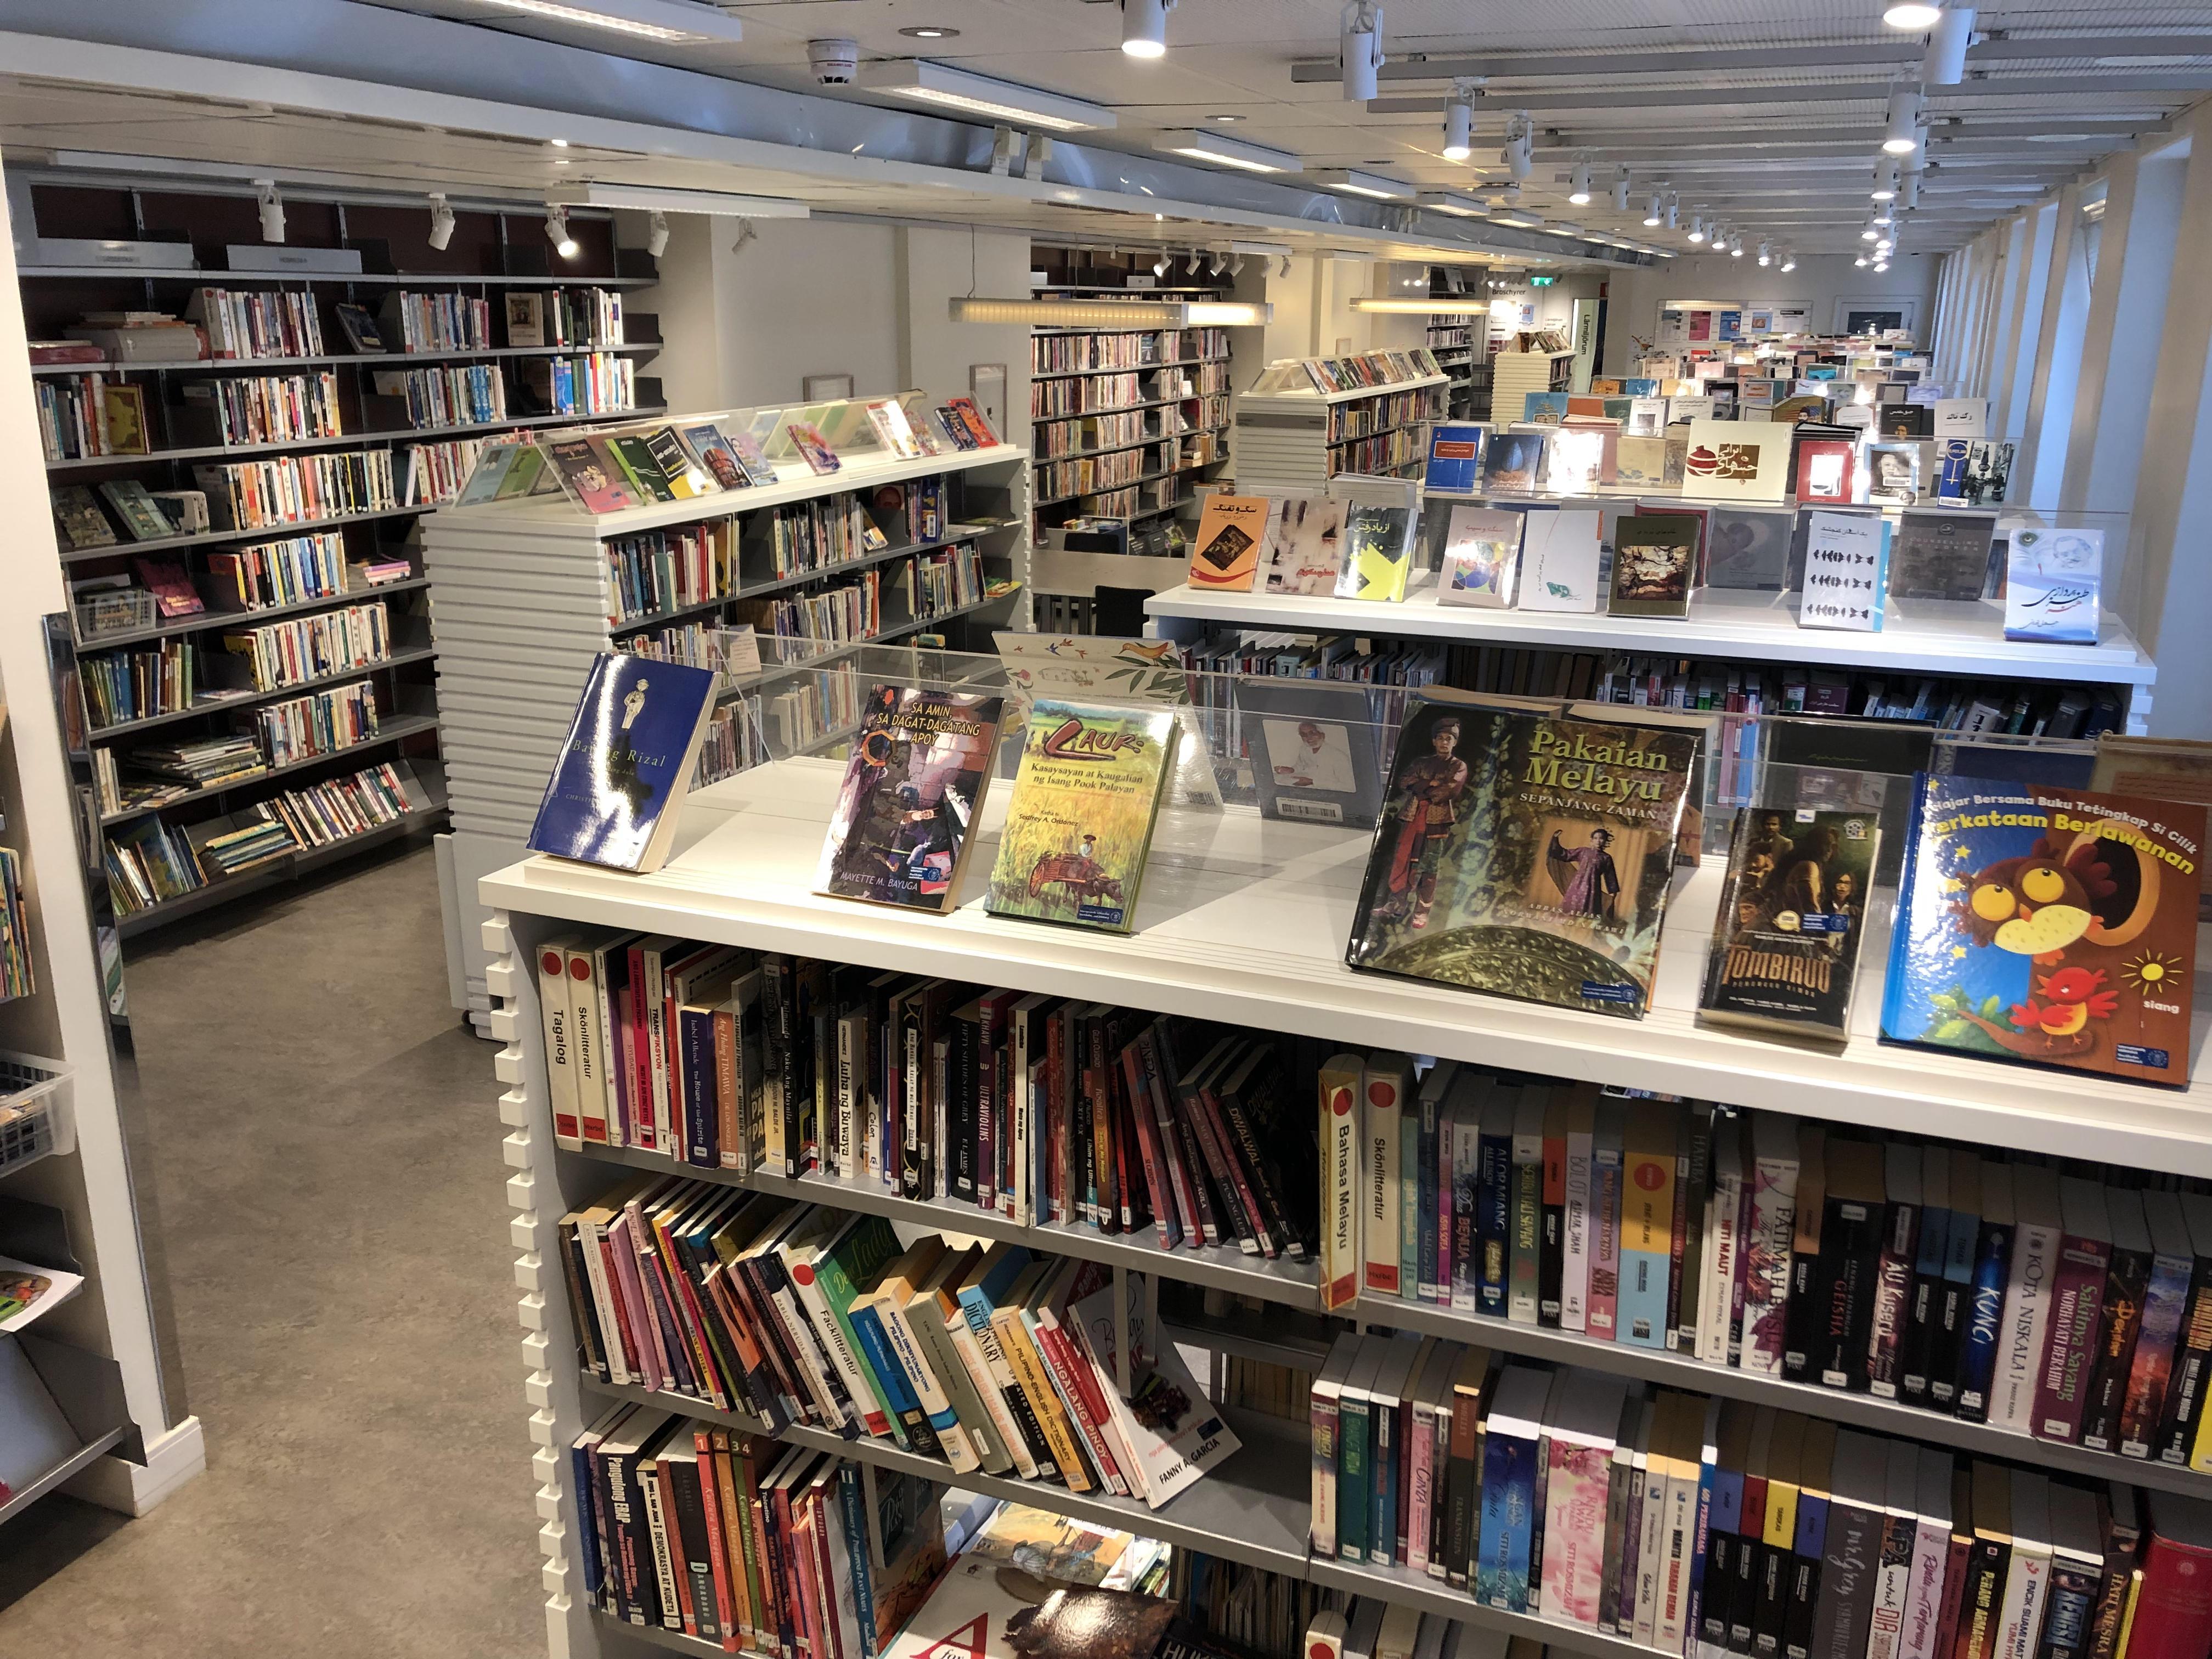 La Bibliothèque internationale comptait plus de 200 000 livres et documents audiovisuels de dizaines de langues.